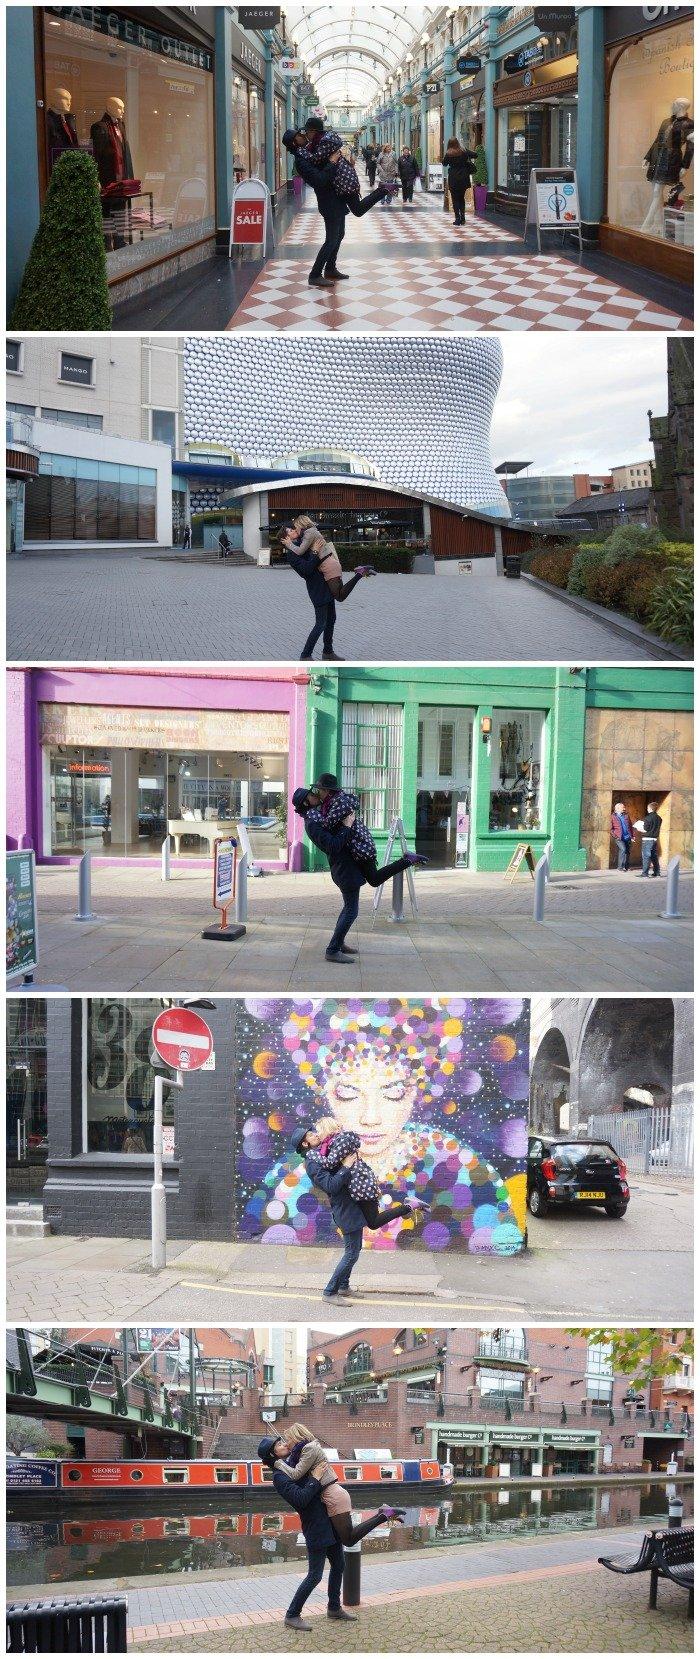 Crazy Kissing Project à Birmingham par withalovelikethat.fr